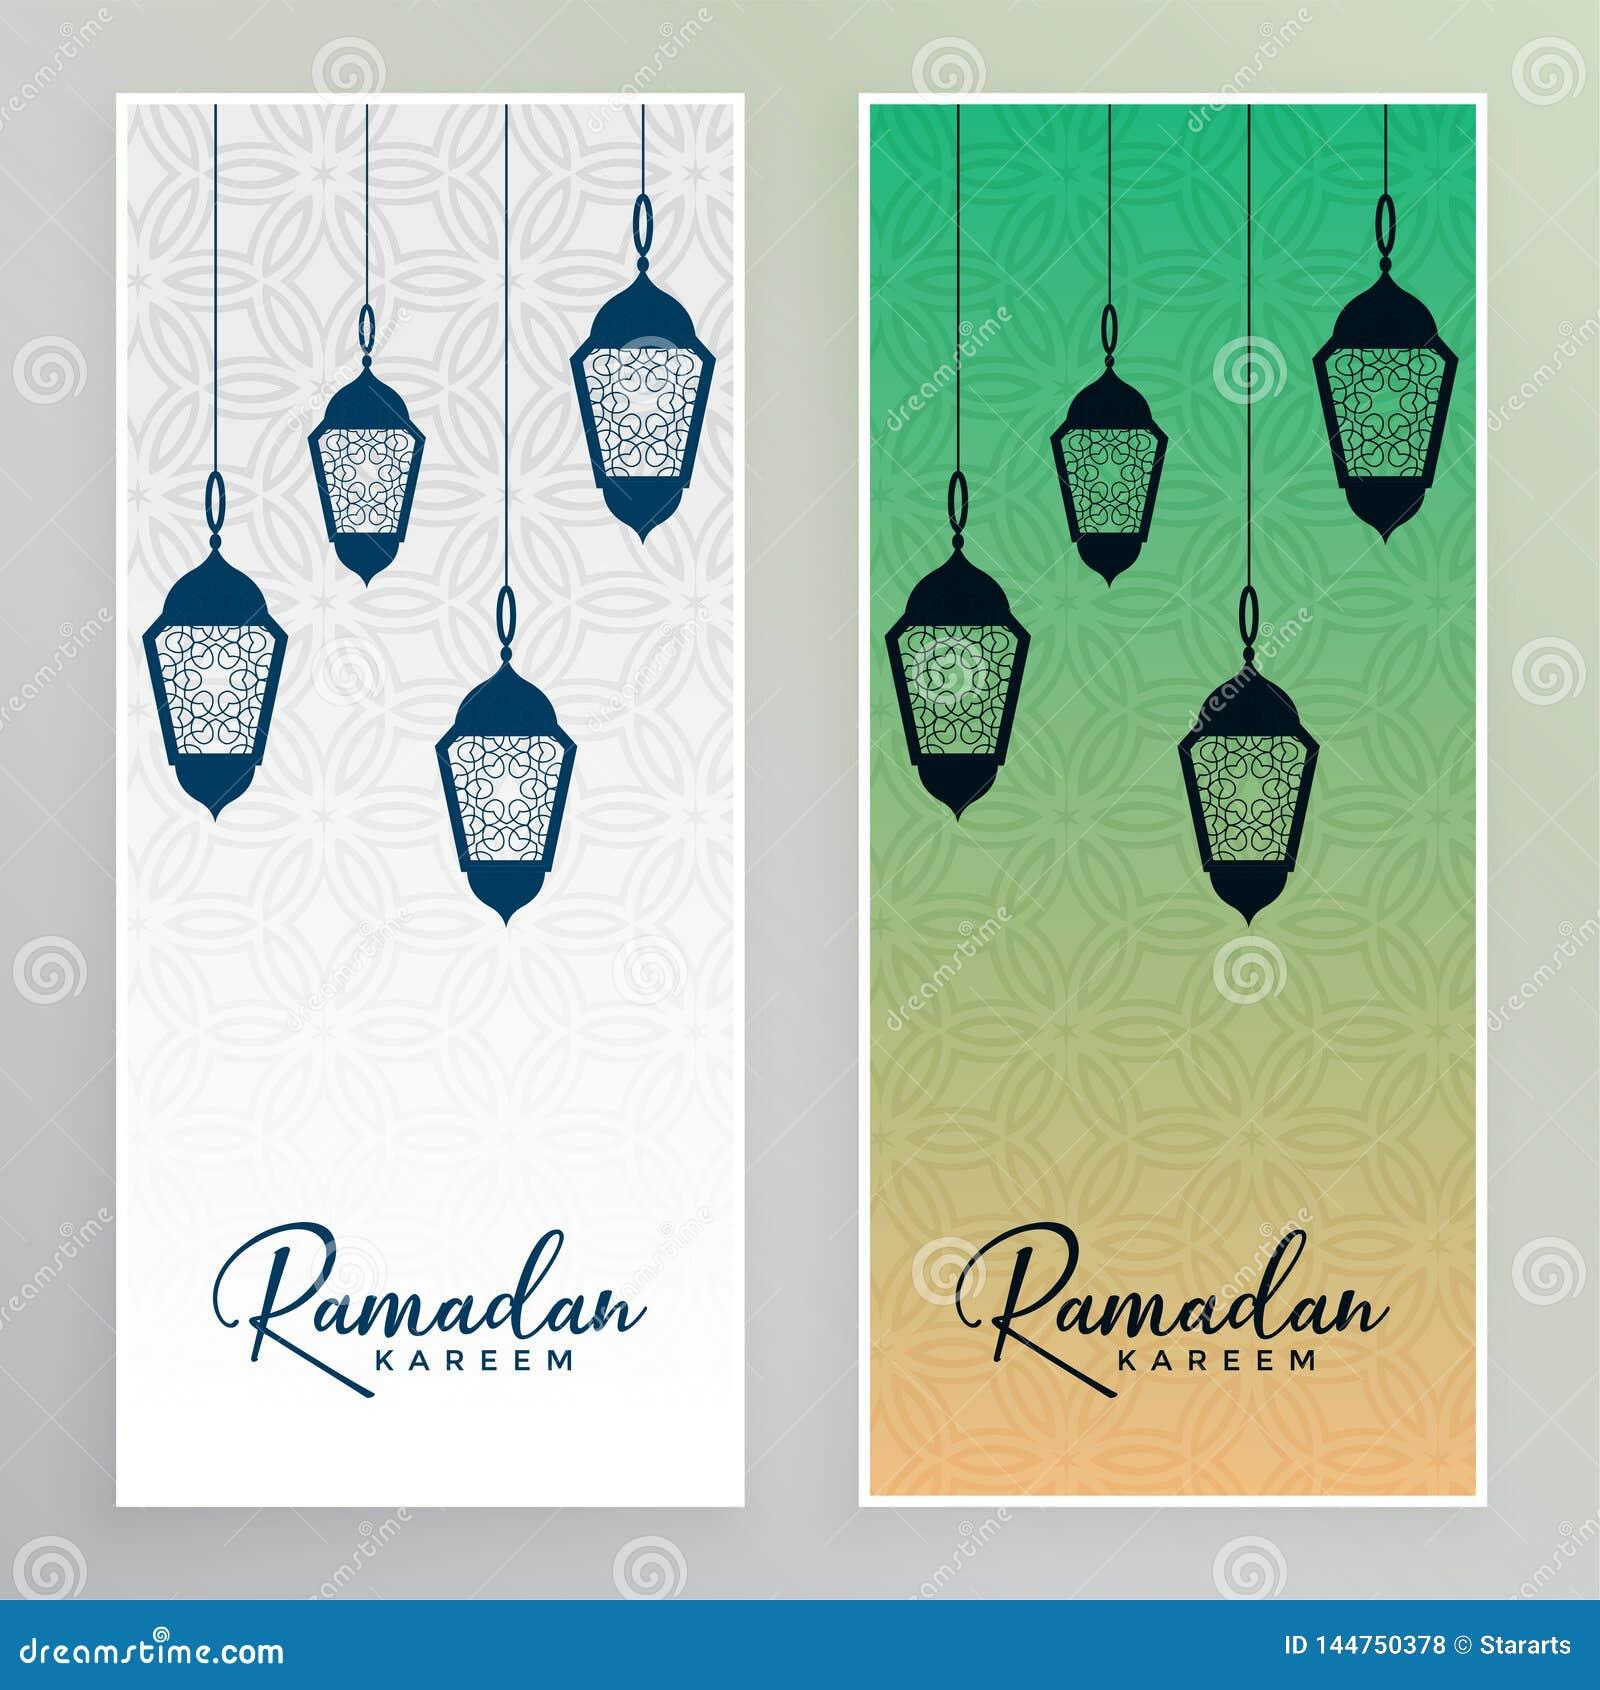 Arabiska lampor som hänger det ramadan kareembanret